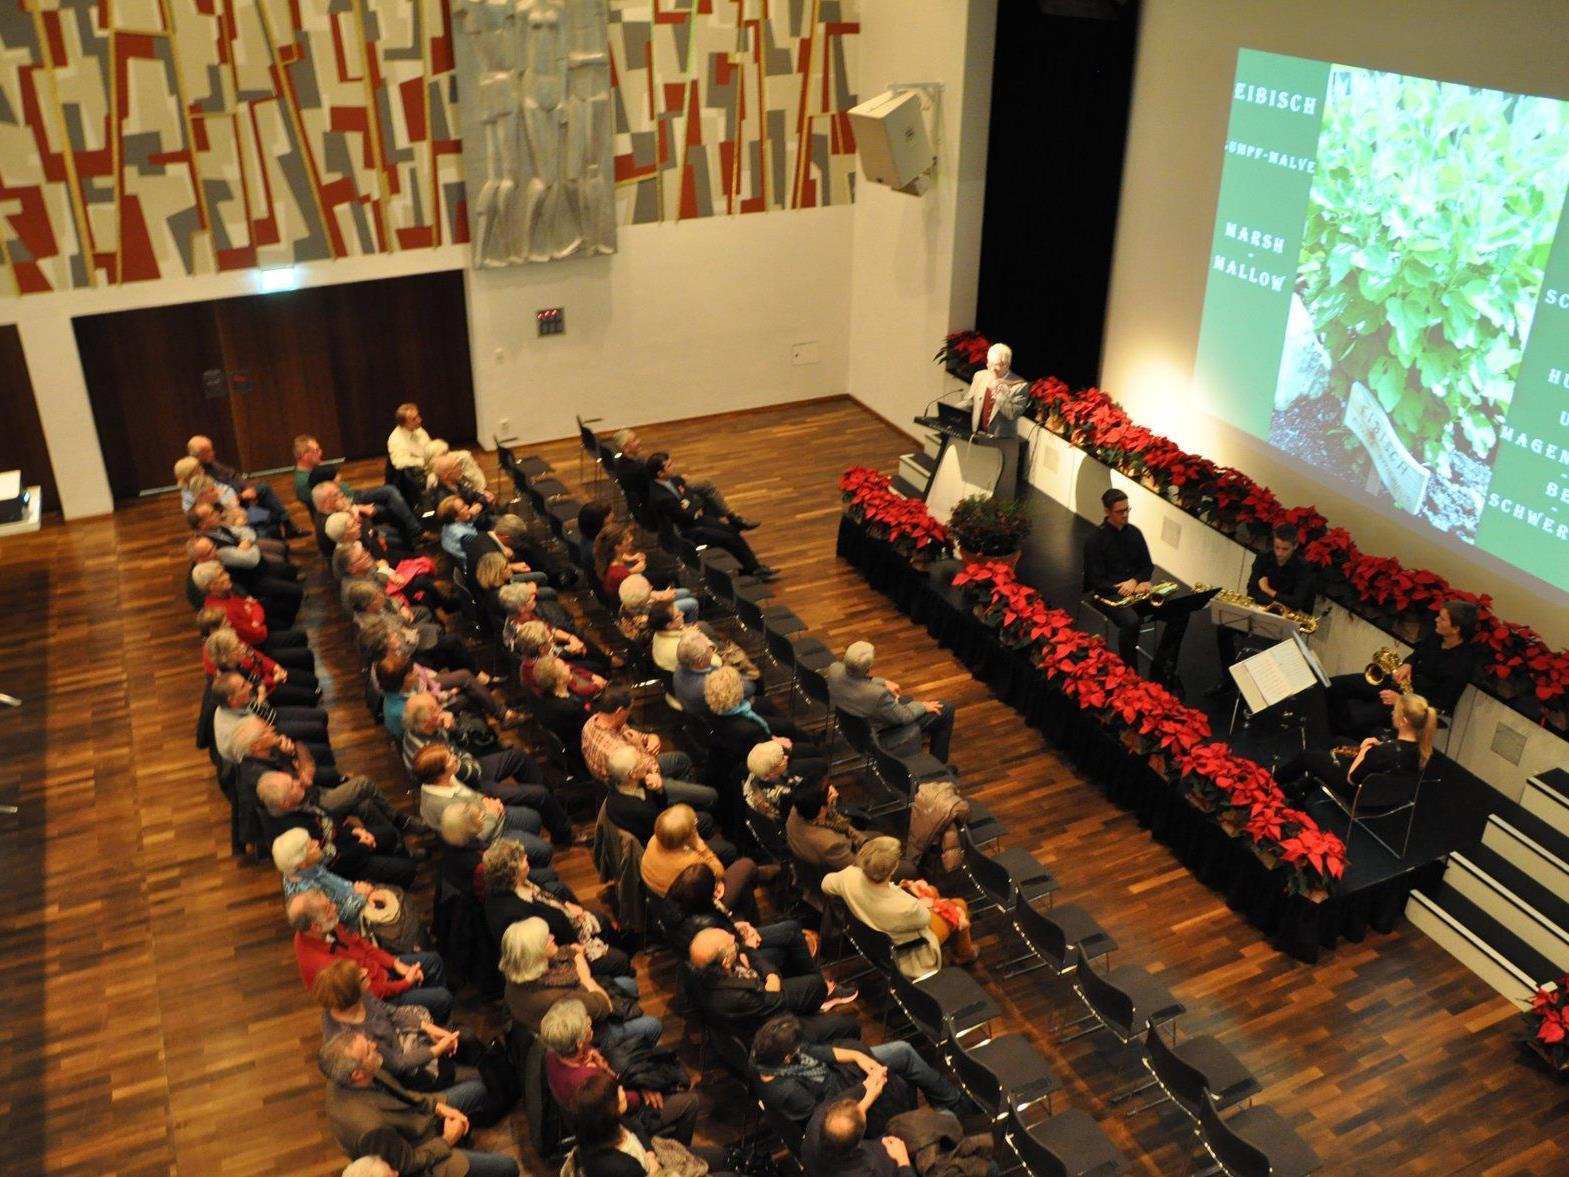 Zahlreiche Gäste lauschten dem Vortrag von Helmut Mühlbacher, der über die Einsatzmöglichkeiten von Heilkräutern sprach.